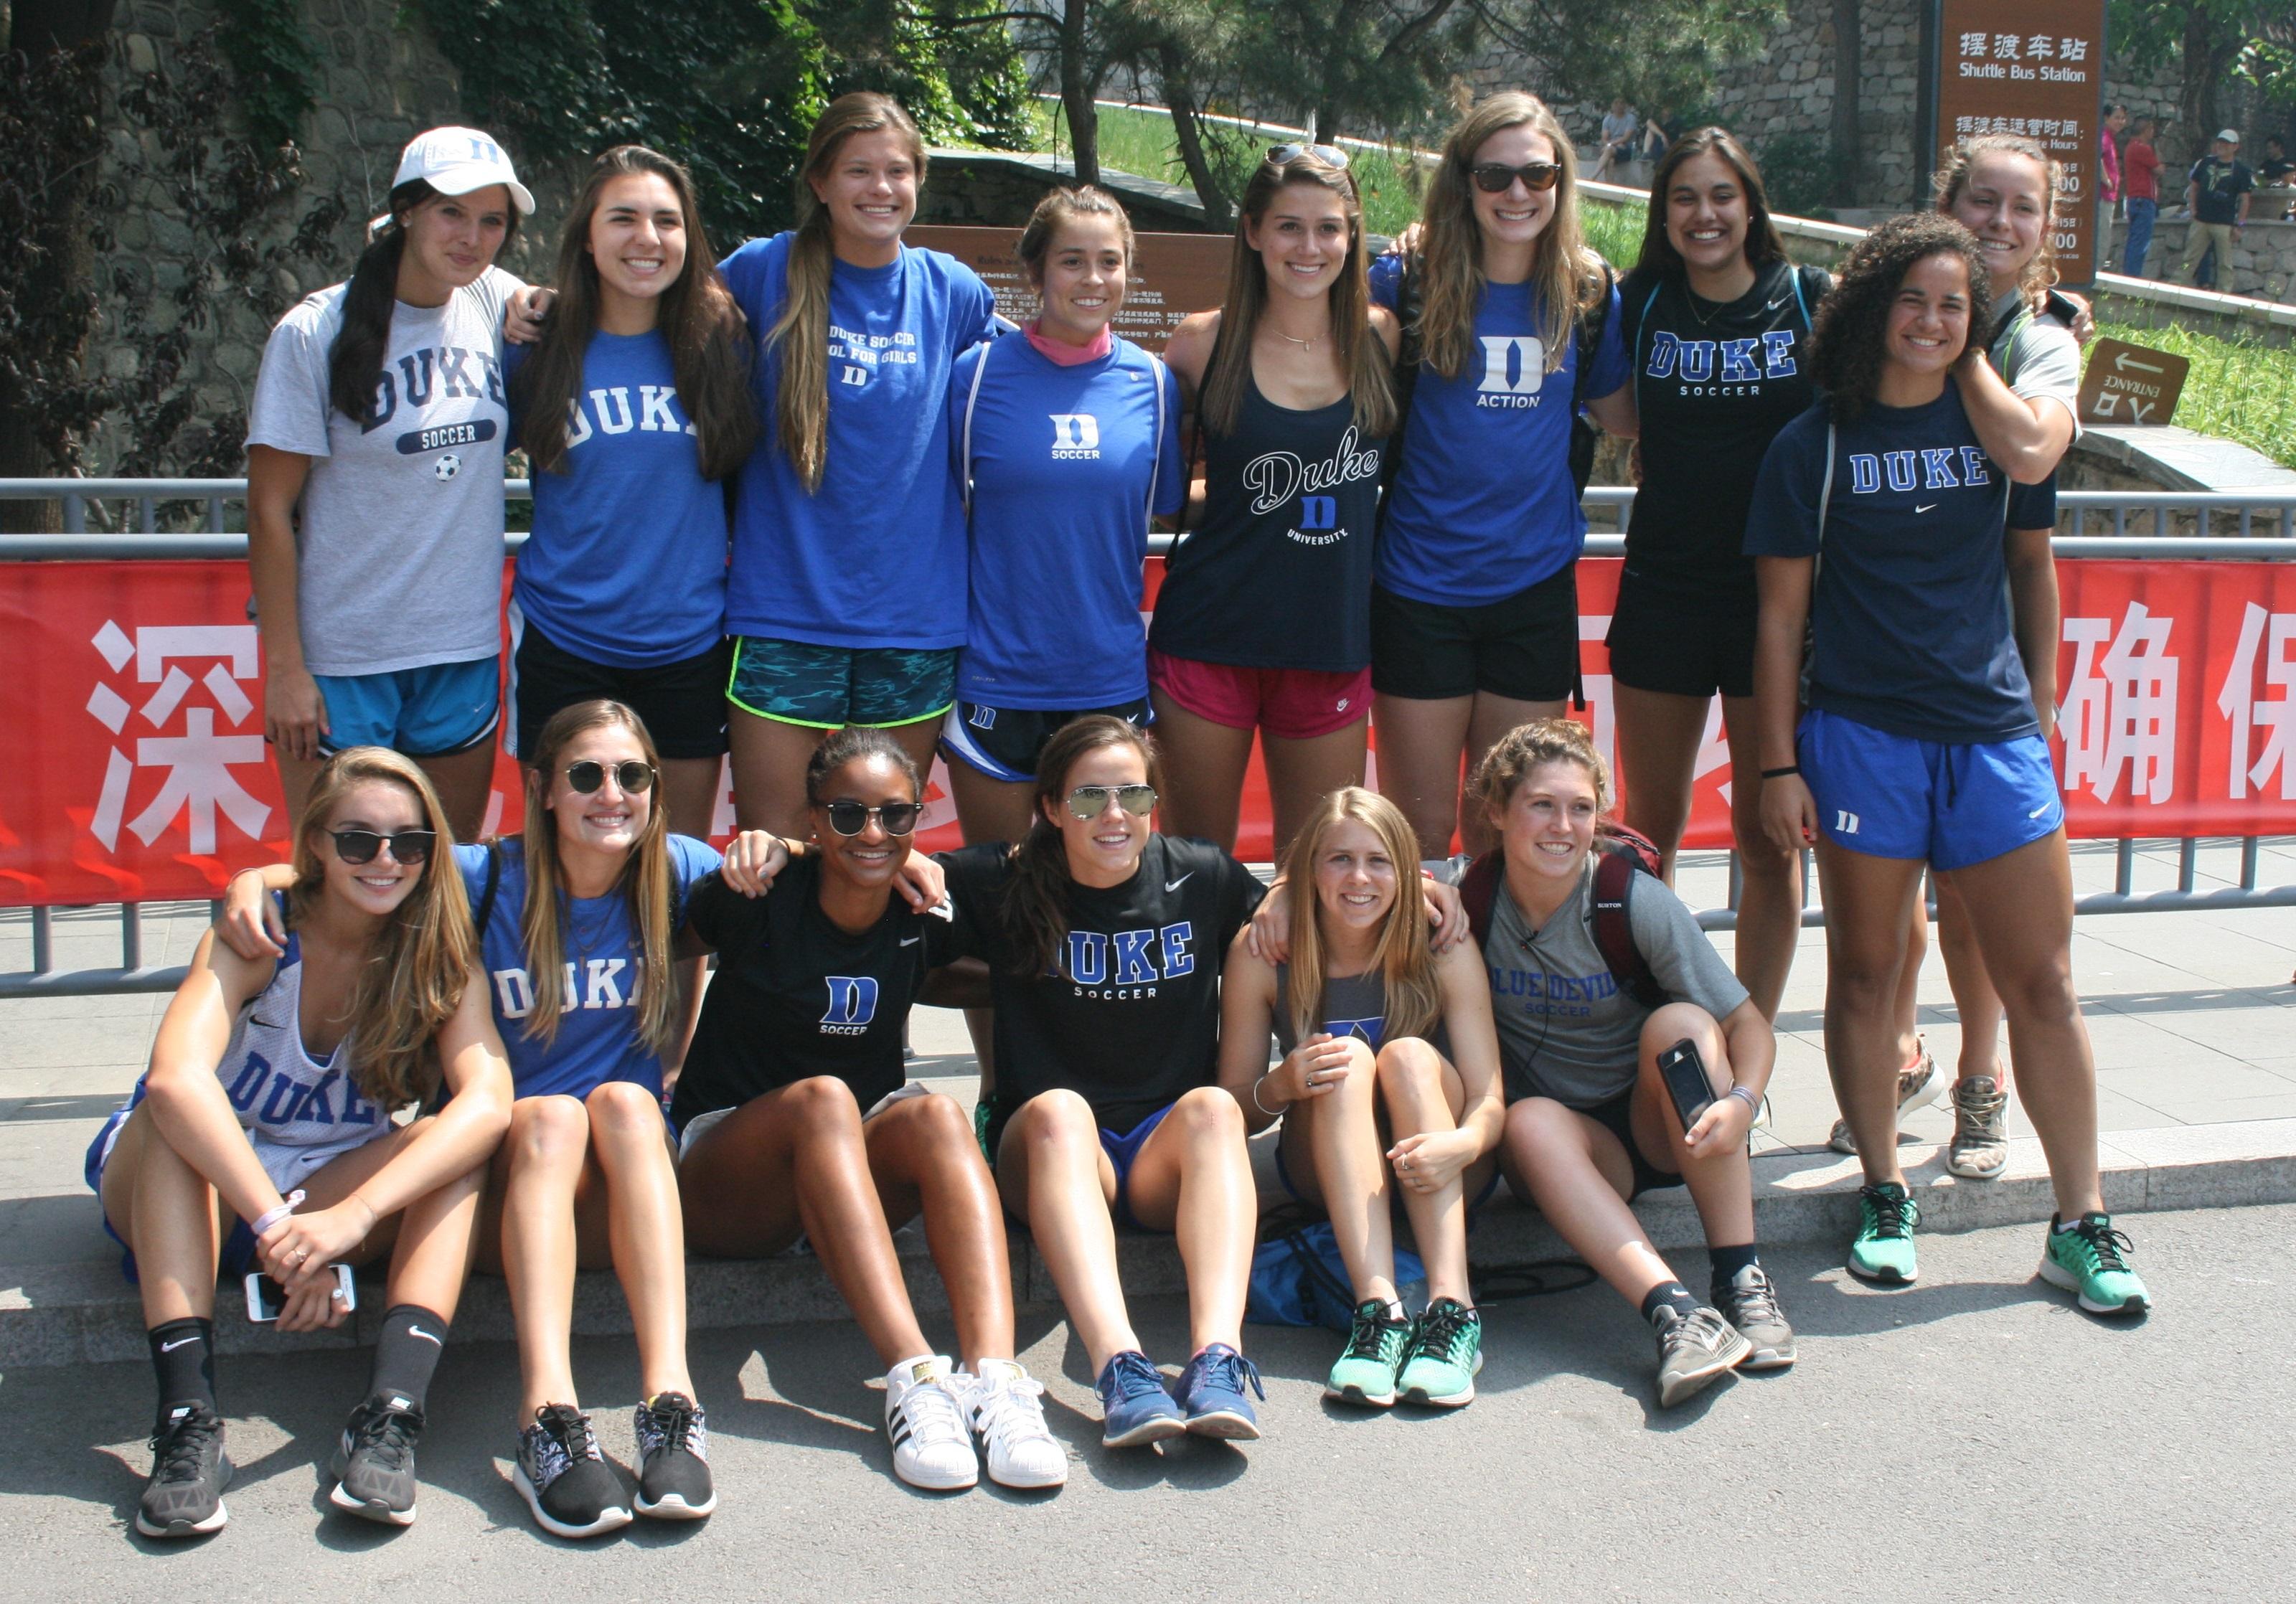 duke women's soccer team11